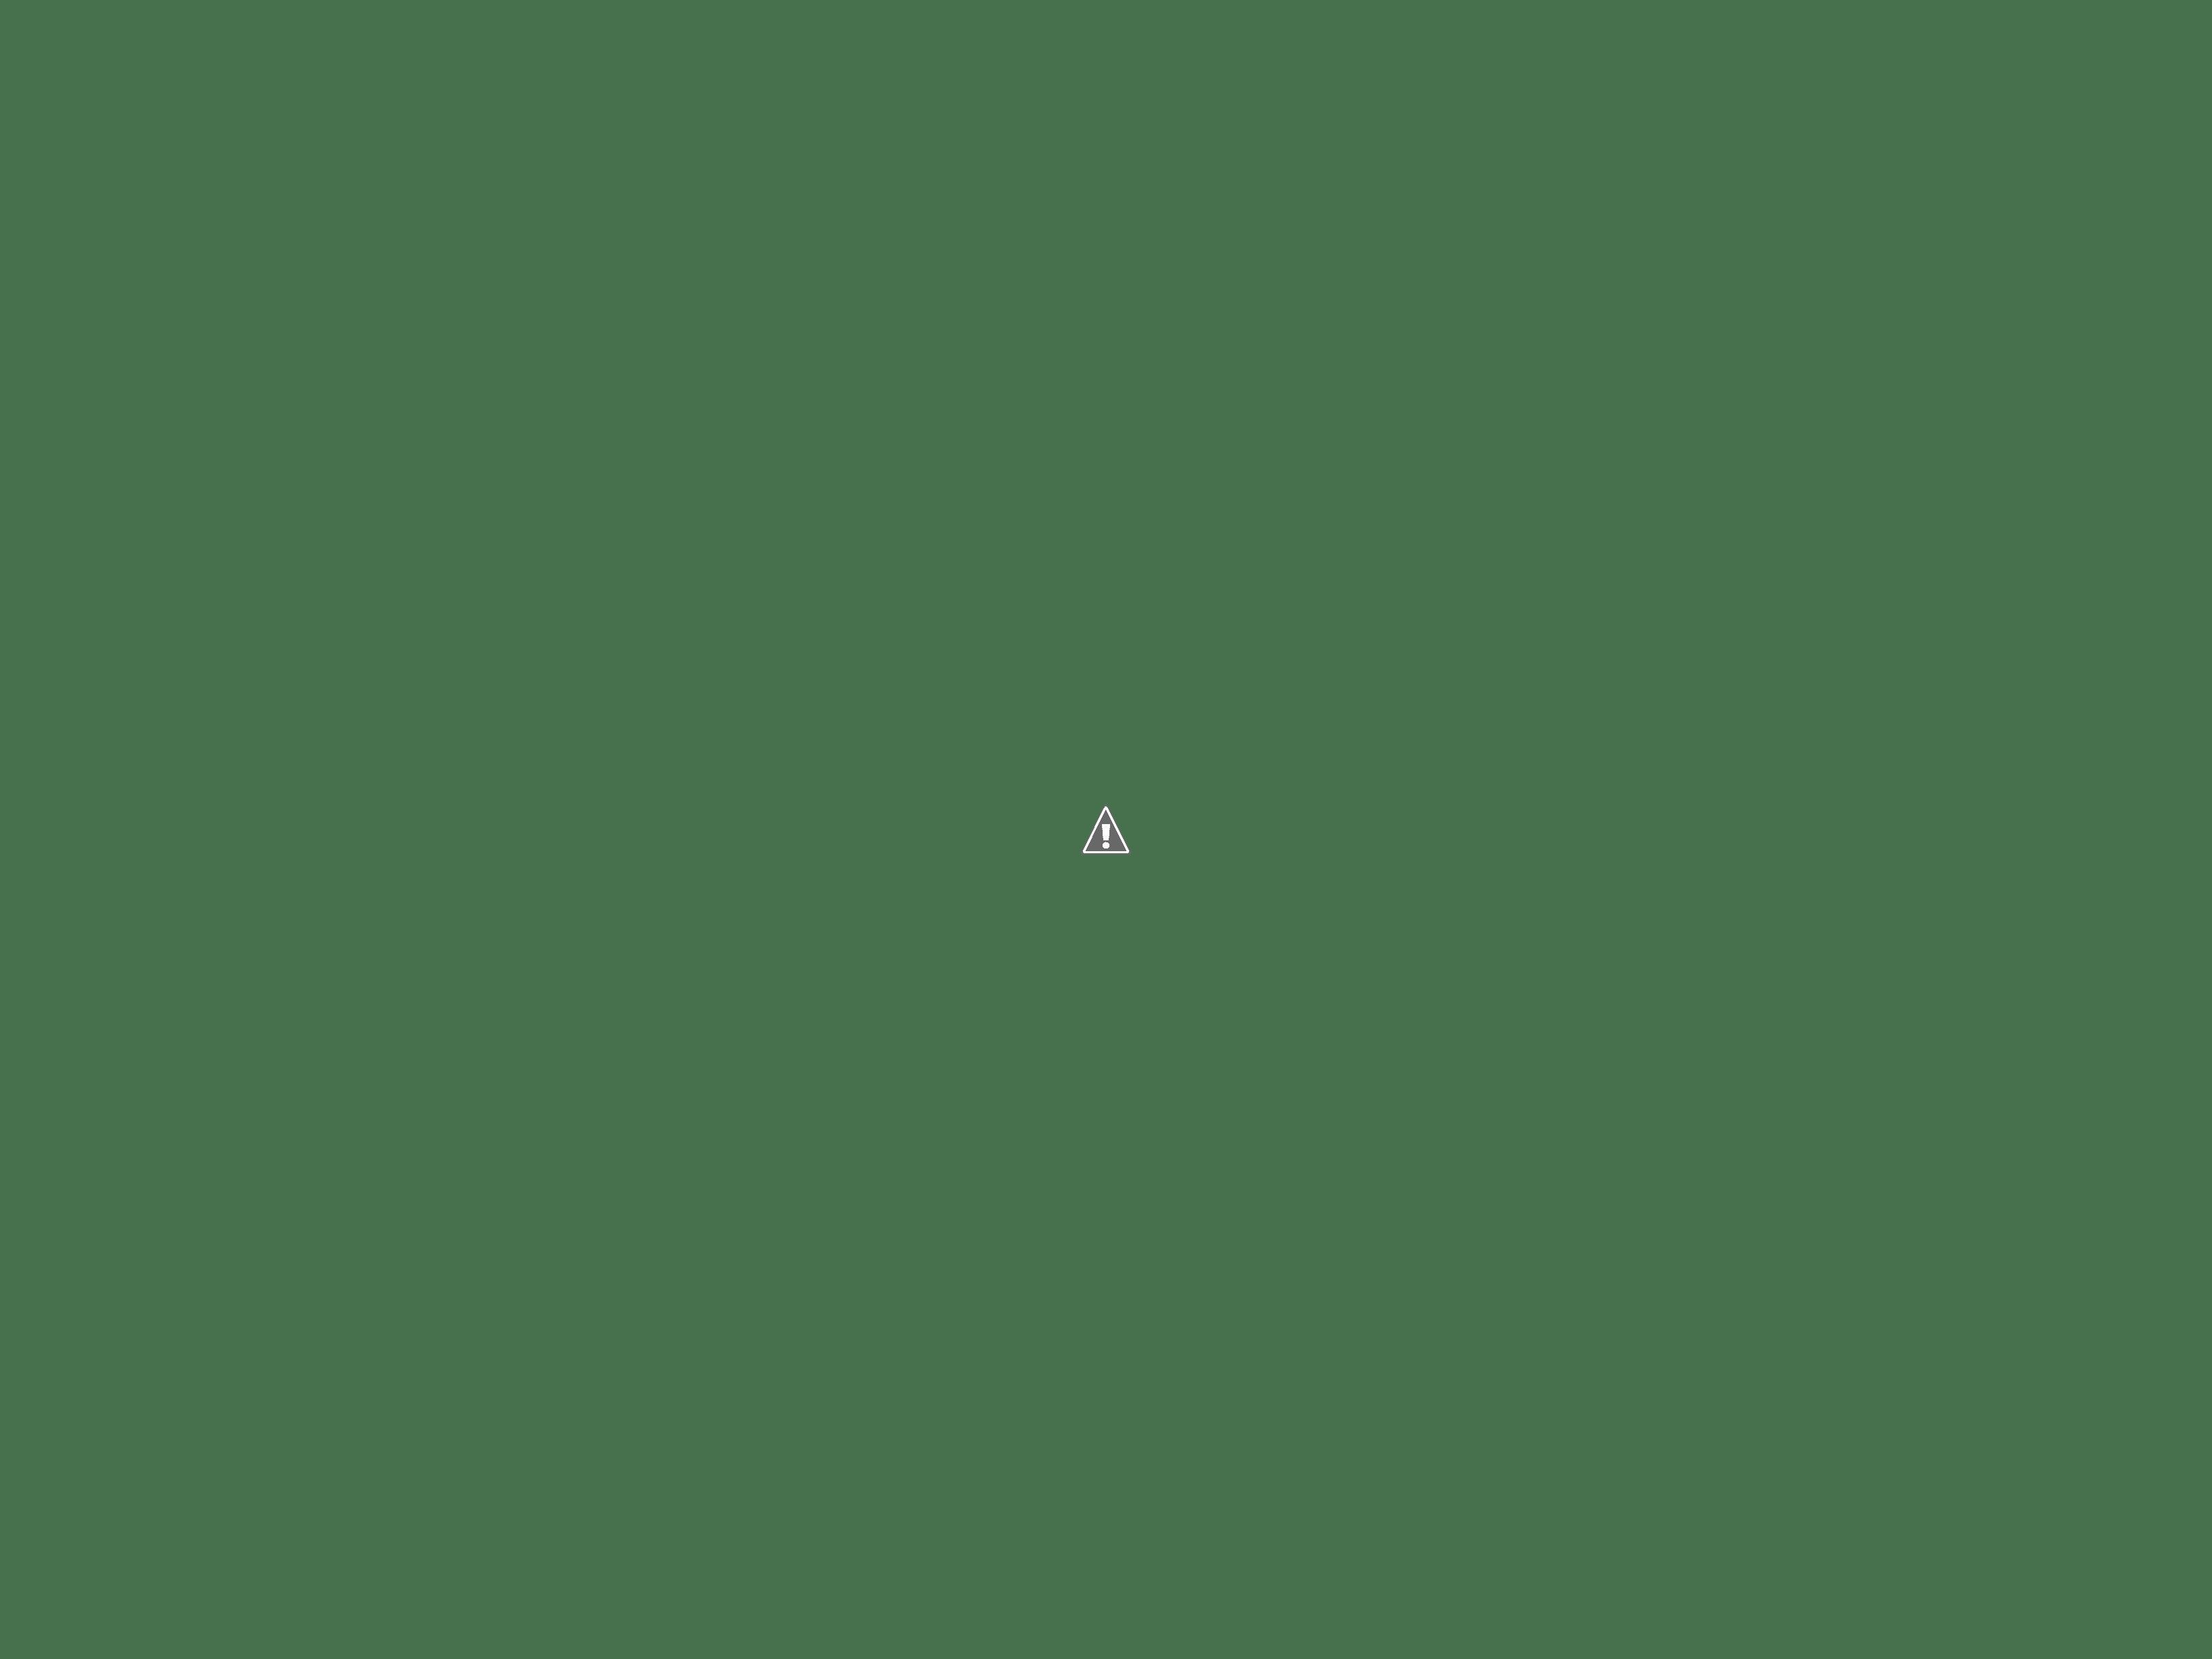 pexels-photo-31431 Faszinierend Was ist Eine Glühlampe Dekorationen